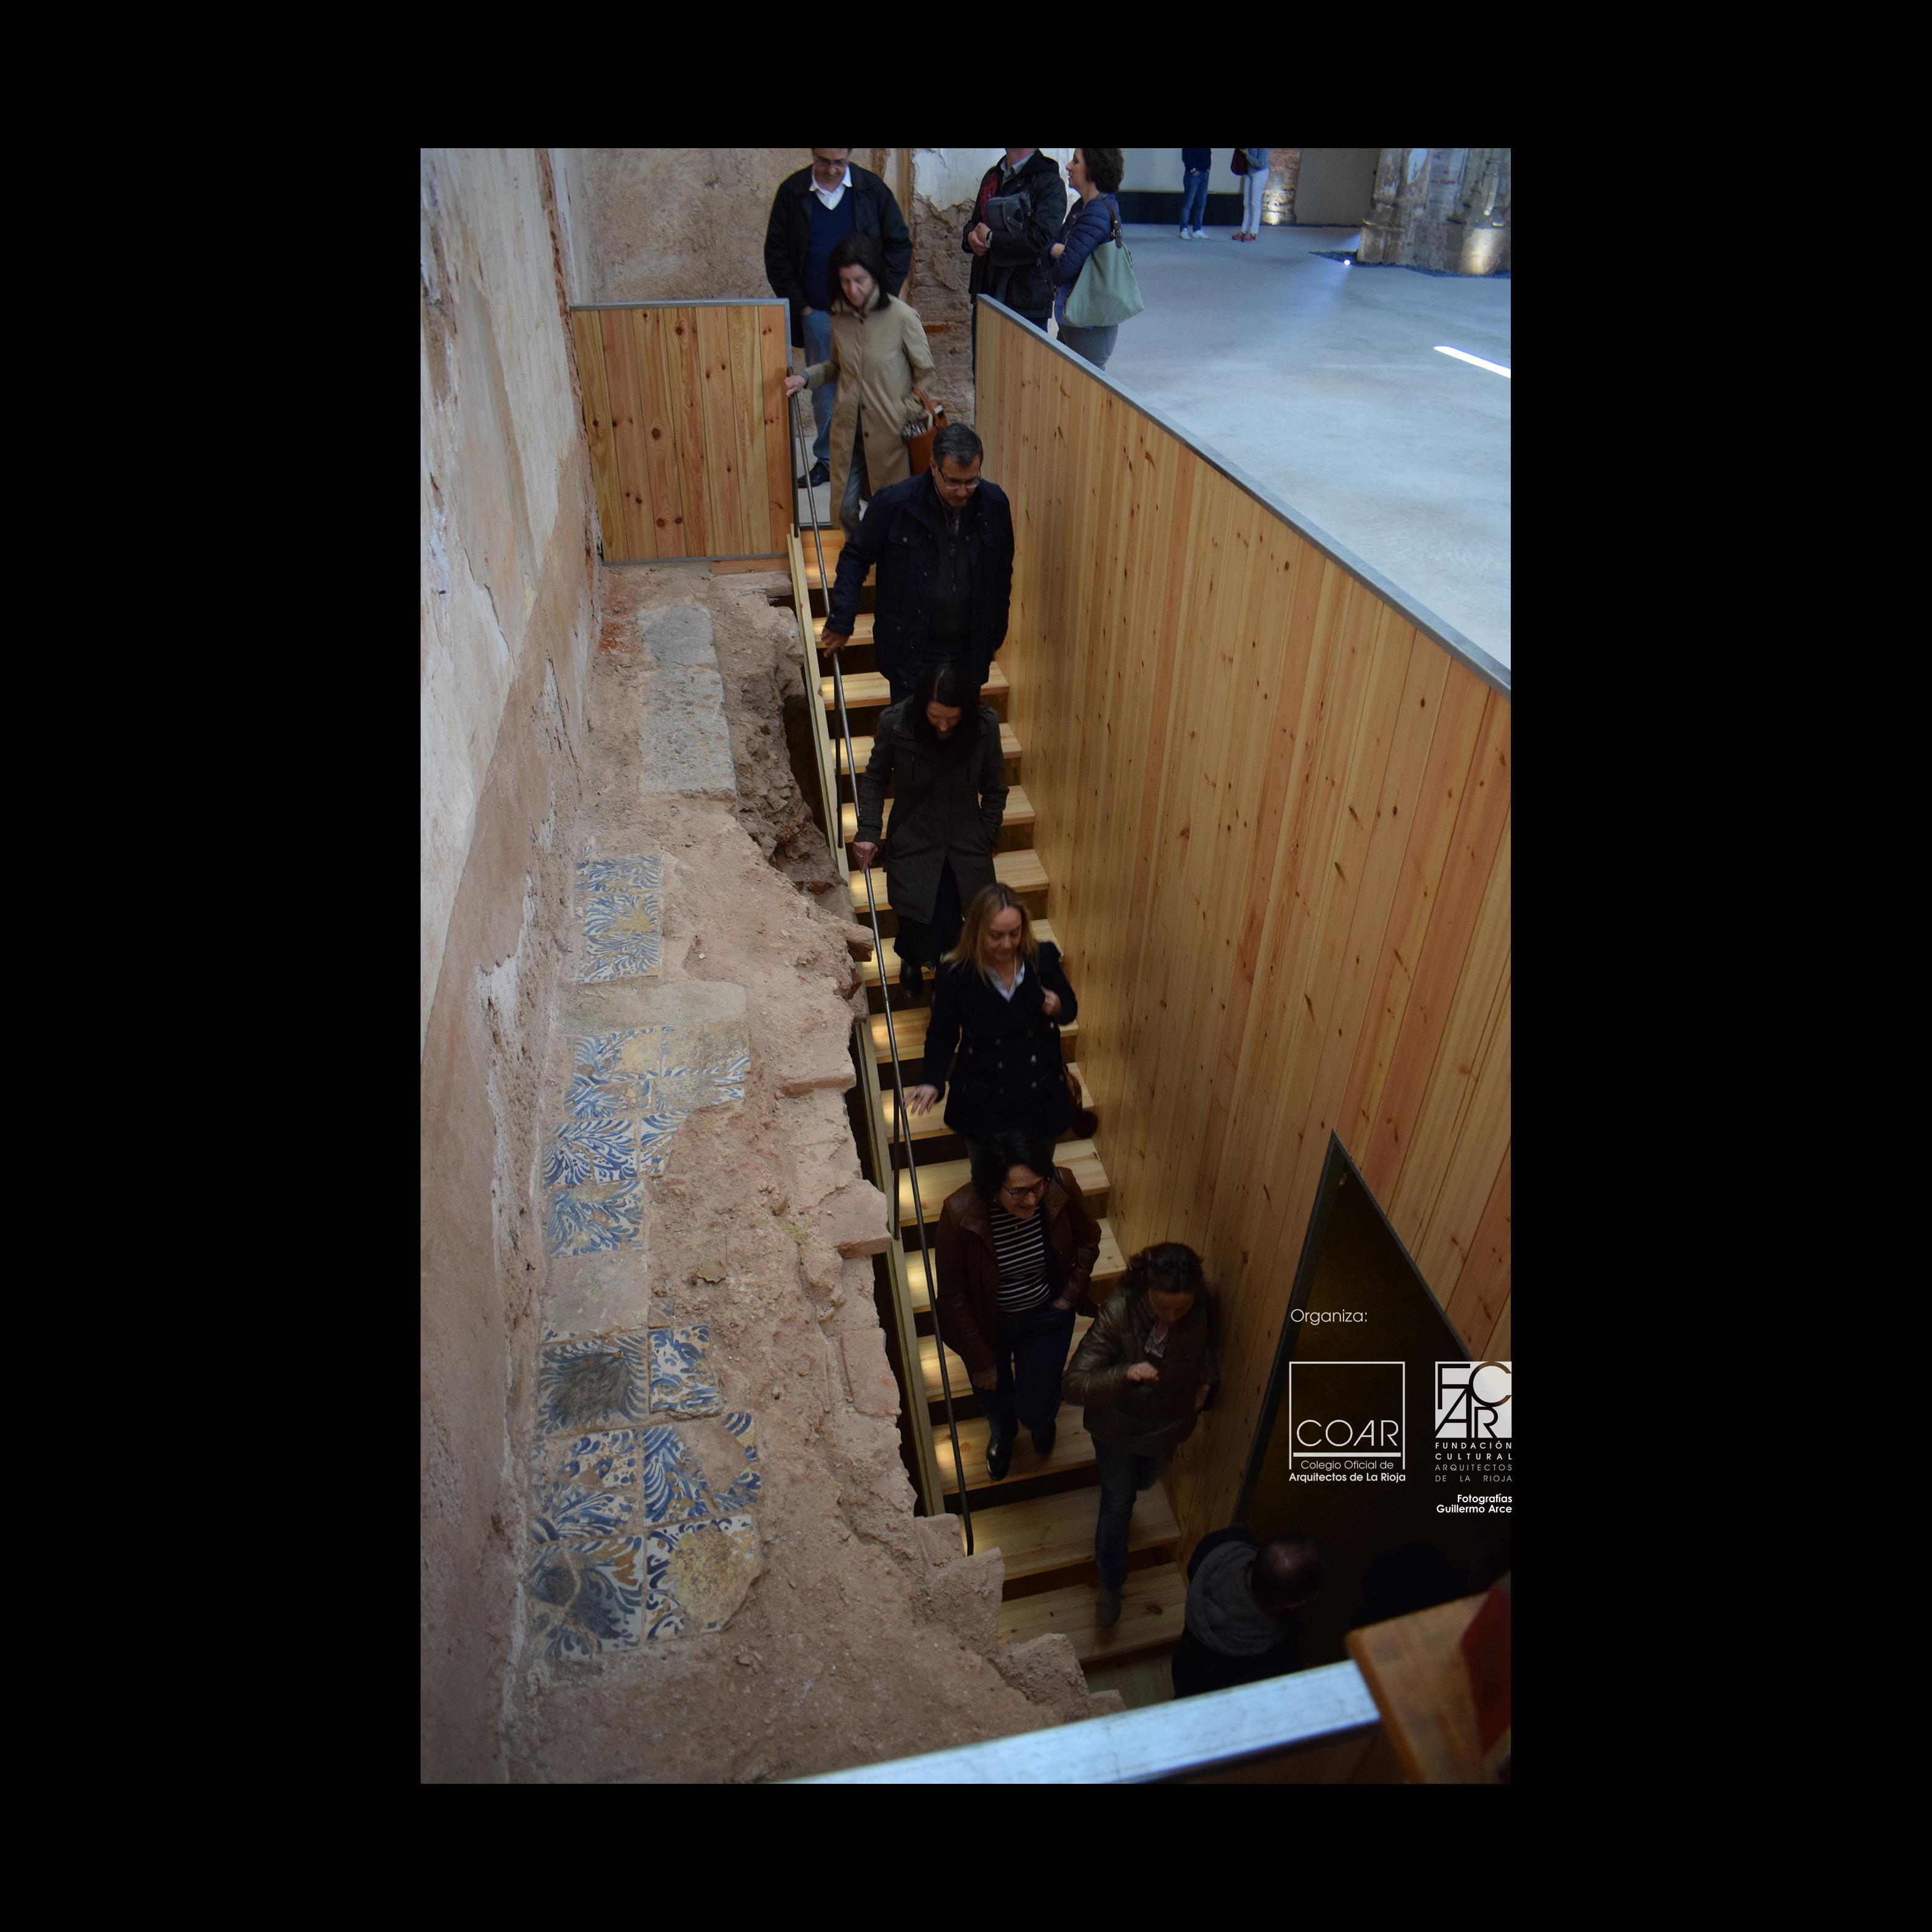 VIAJE-COAR-FCAR-ARNEDO-vico-12-04-08 (26)